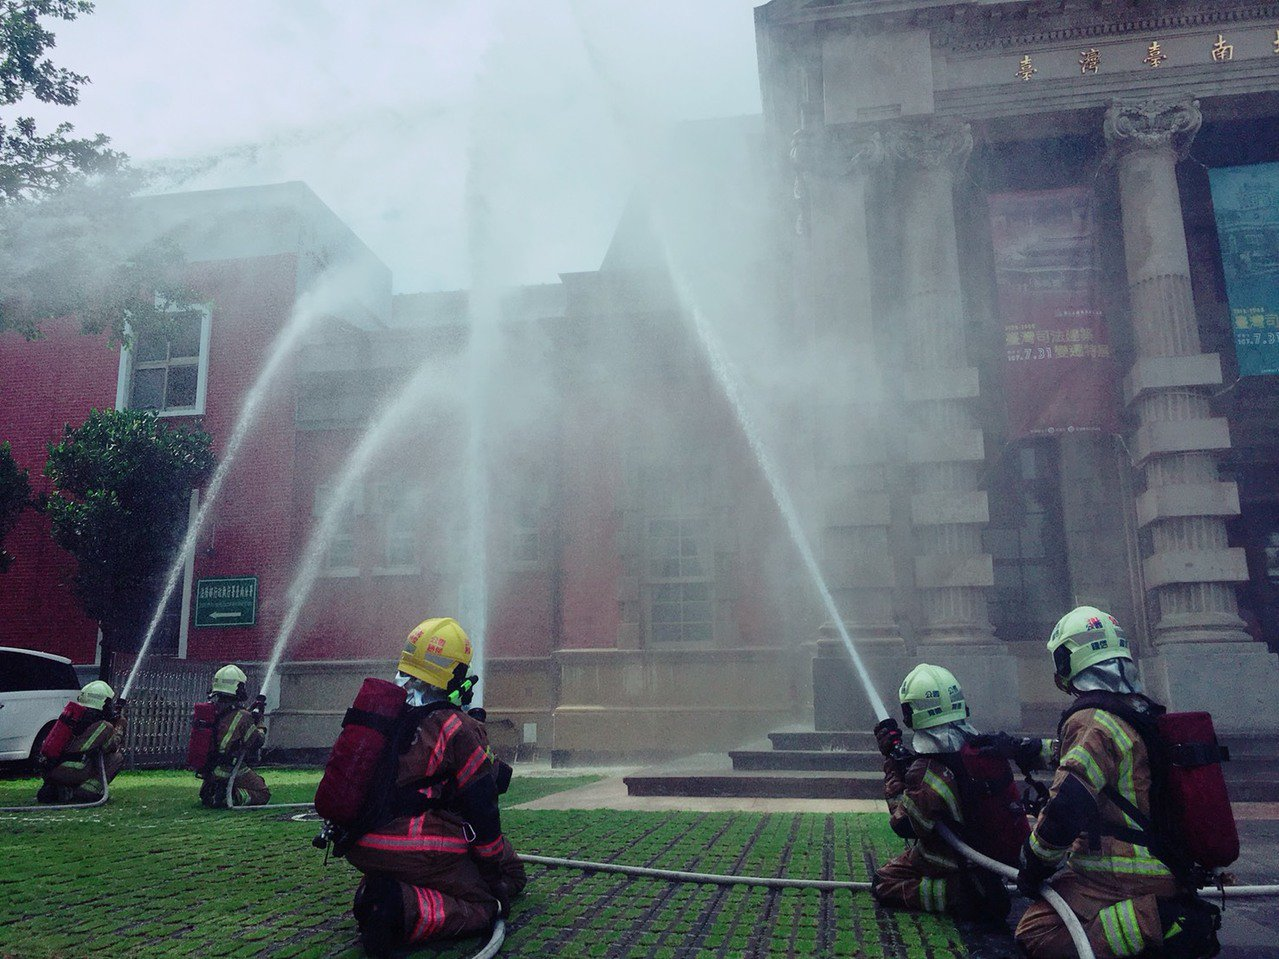 台南市歷史古蹟多,消防人員進行古蹟滅火訓練。記者黃宣翰/翻攝